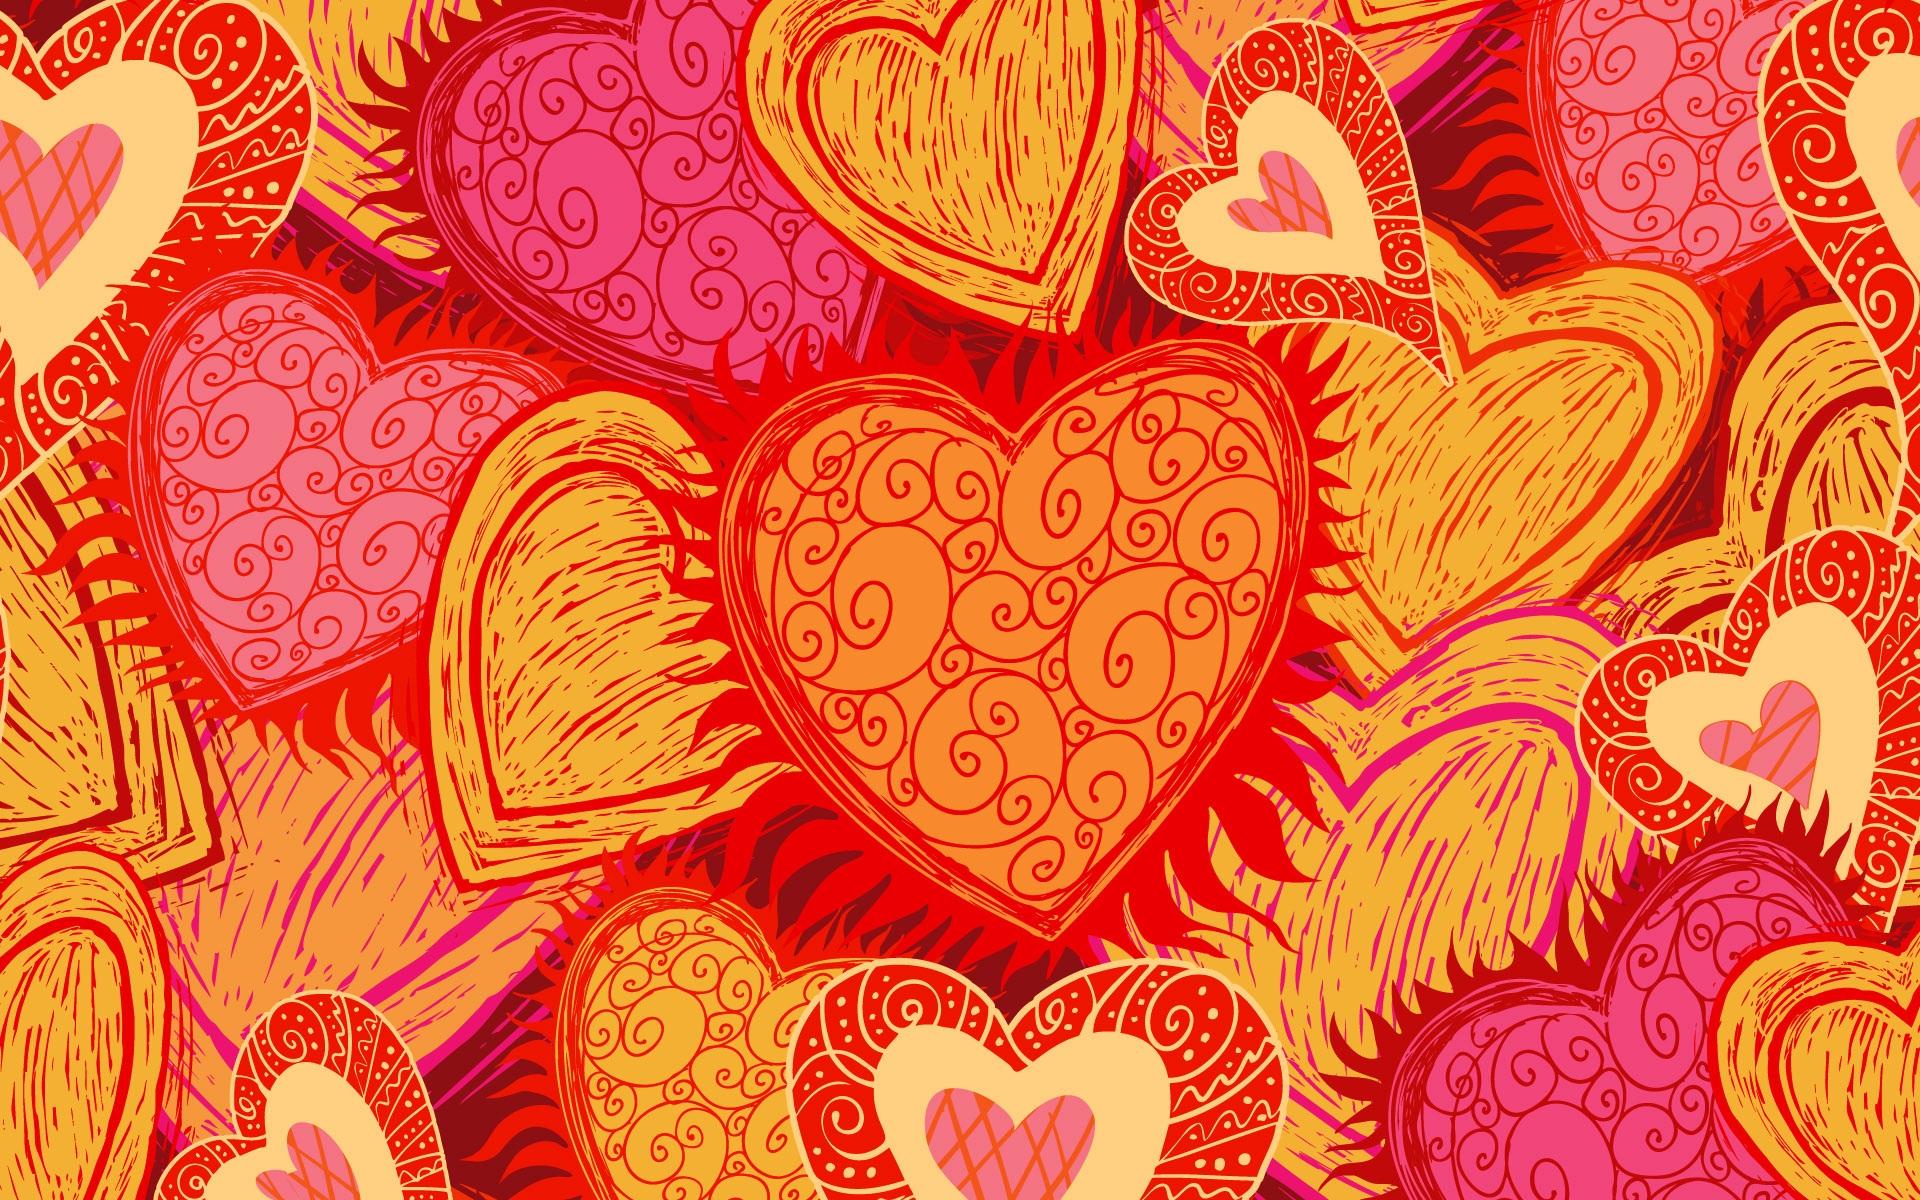 桌布 紅色愛心背景 1920x1200 HD 高清桌布, 圖片, 照片